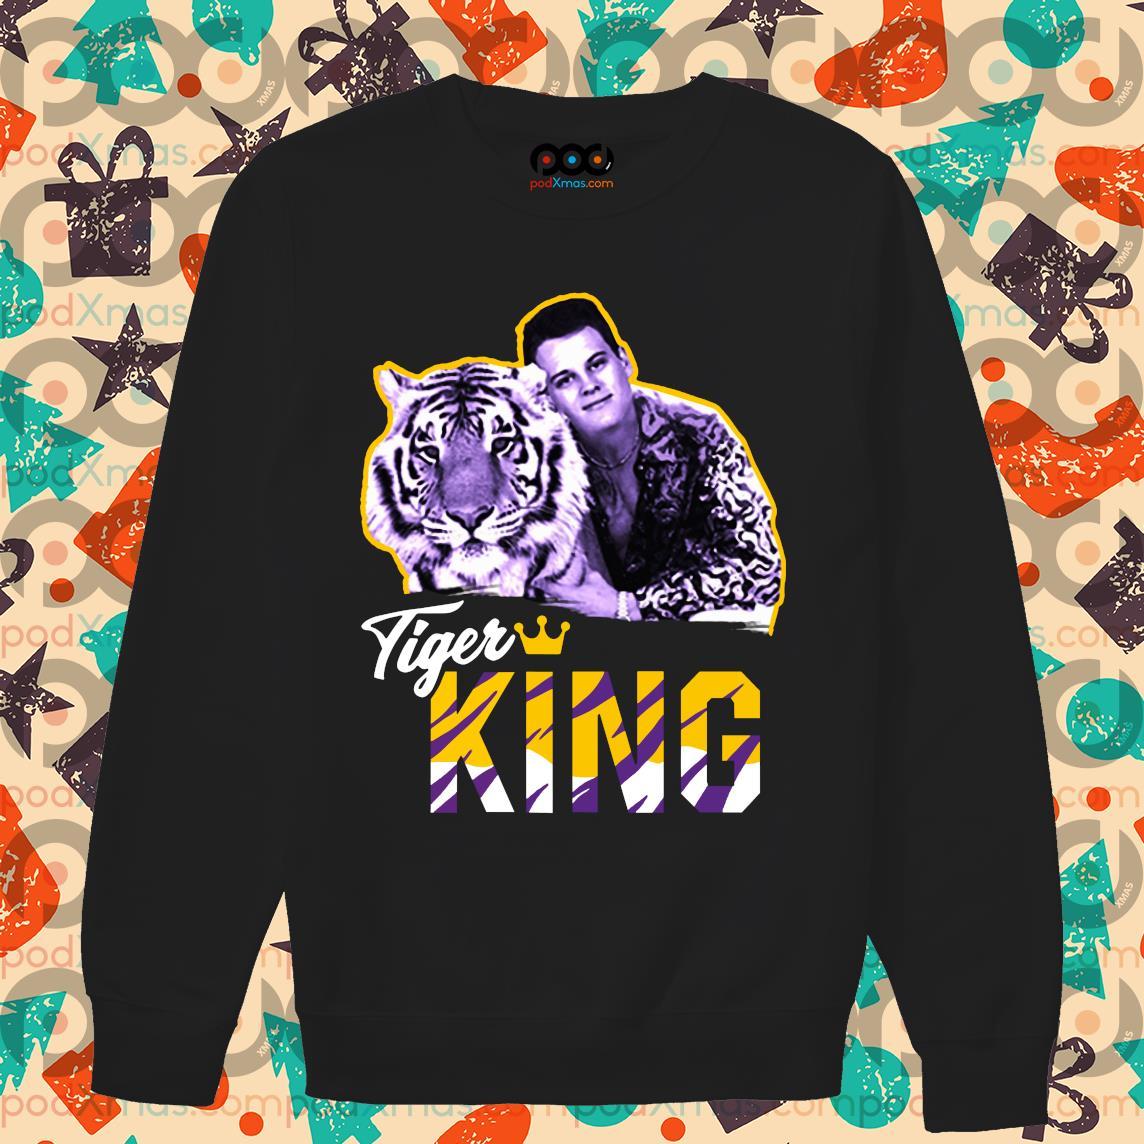 Tiger King T-Shirt Sweater PODxmas den